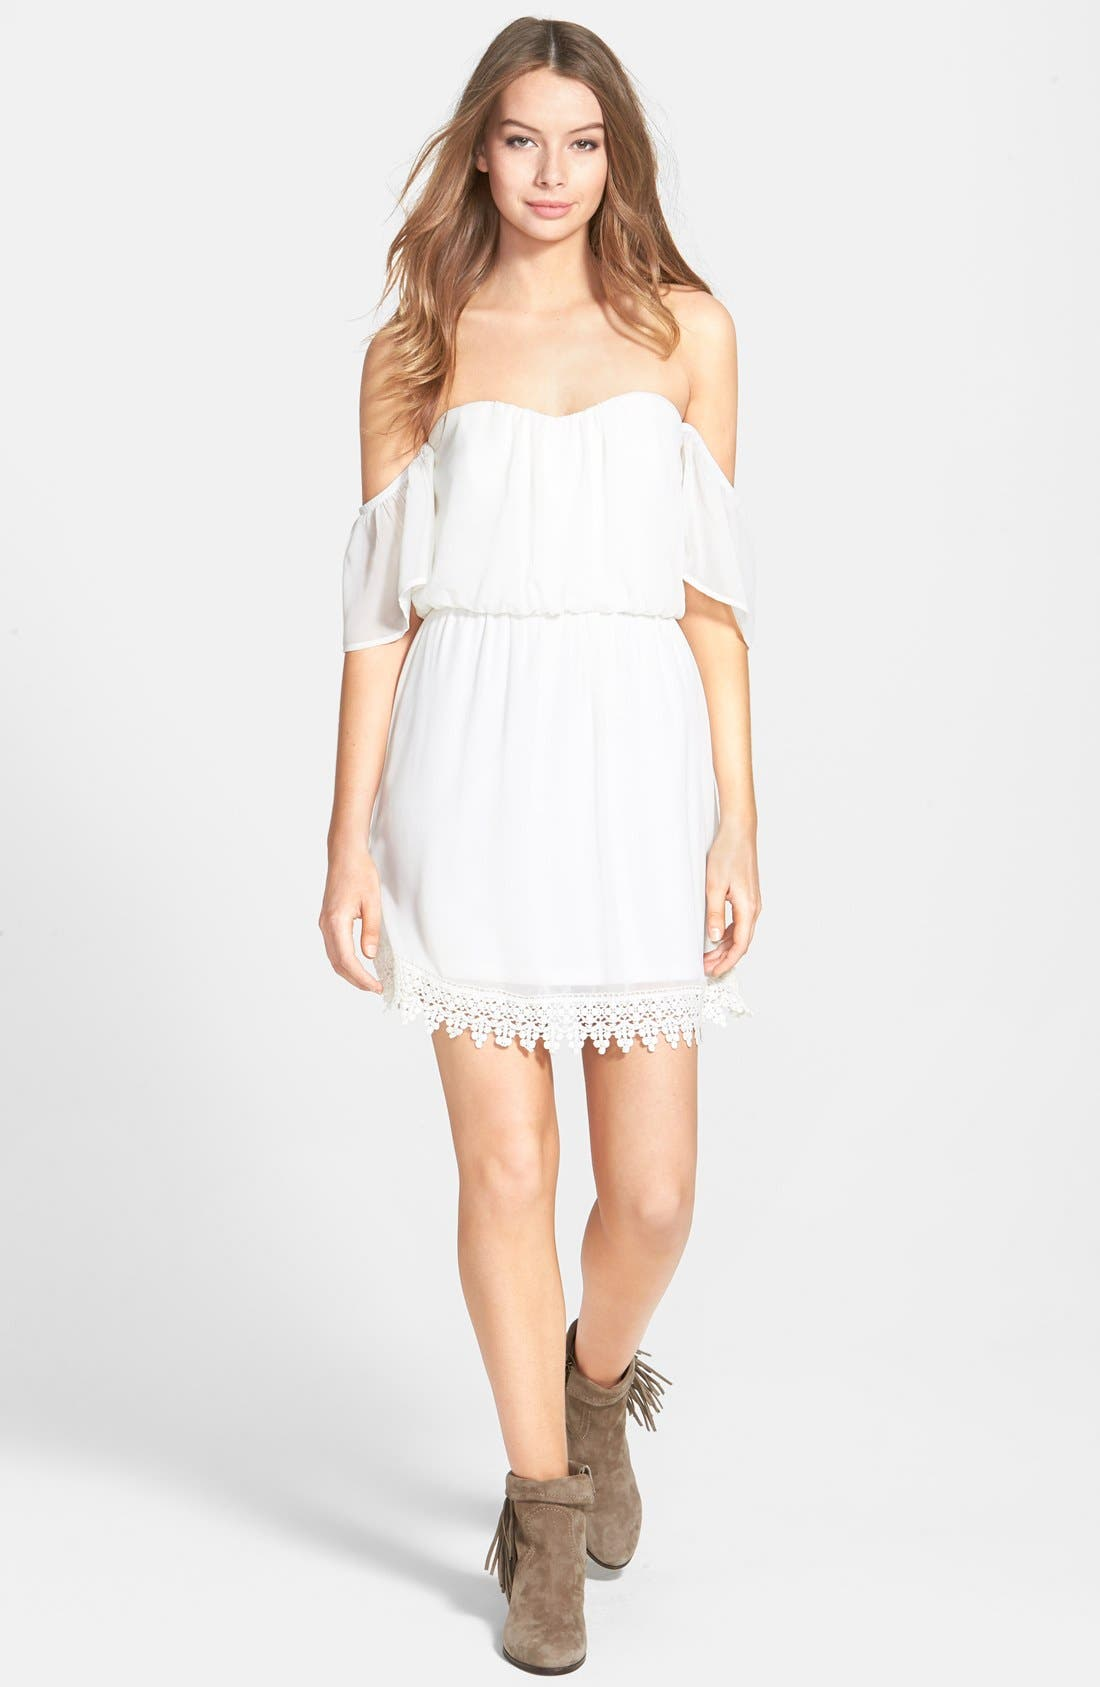 Alternate Image 1 Selected - Socialite Strapless Crochet Trim Dress